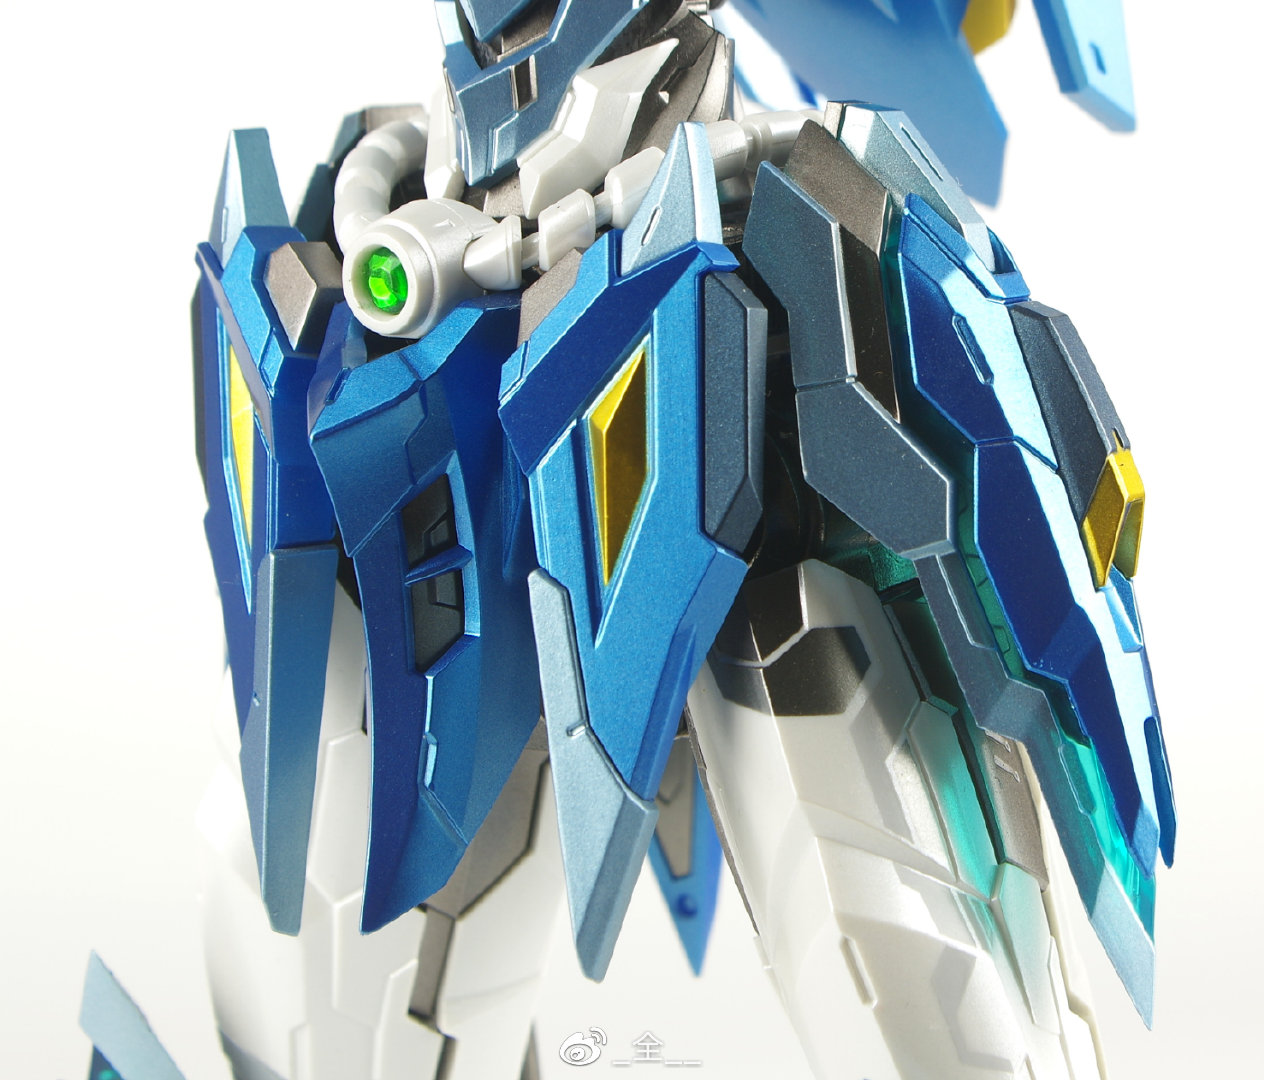 S470_MOTOR_NUCLEAR_MN_Q03_blue_gragon_ao_bing_di_hui_xing_han_long_zi_043.jpg